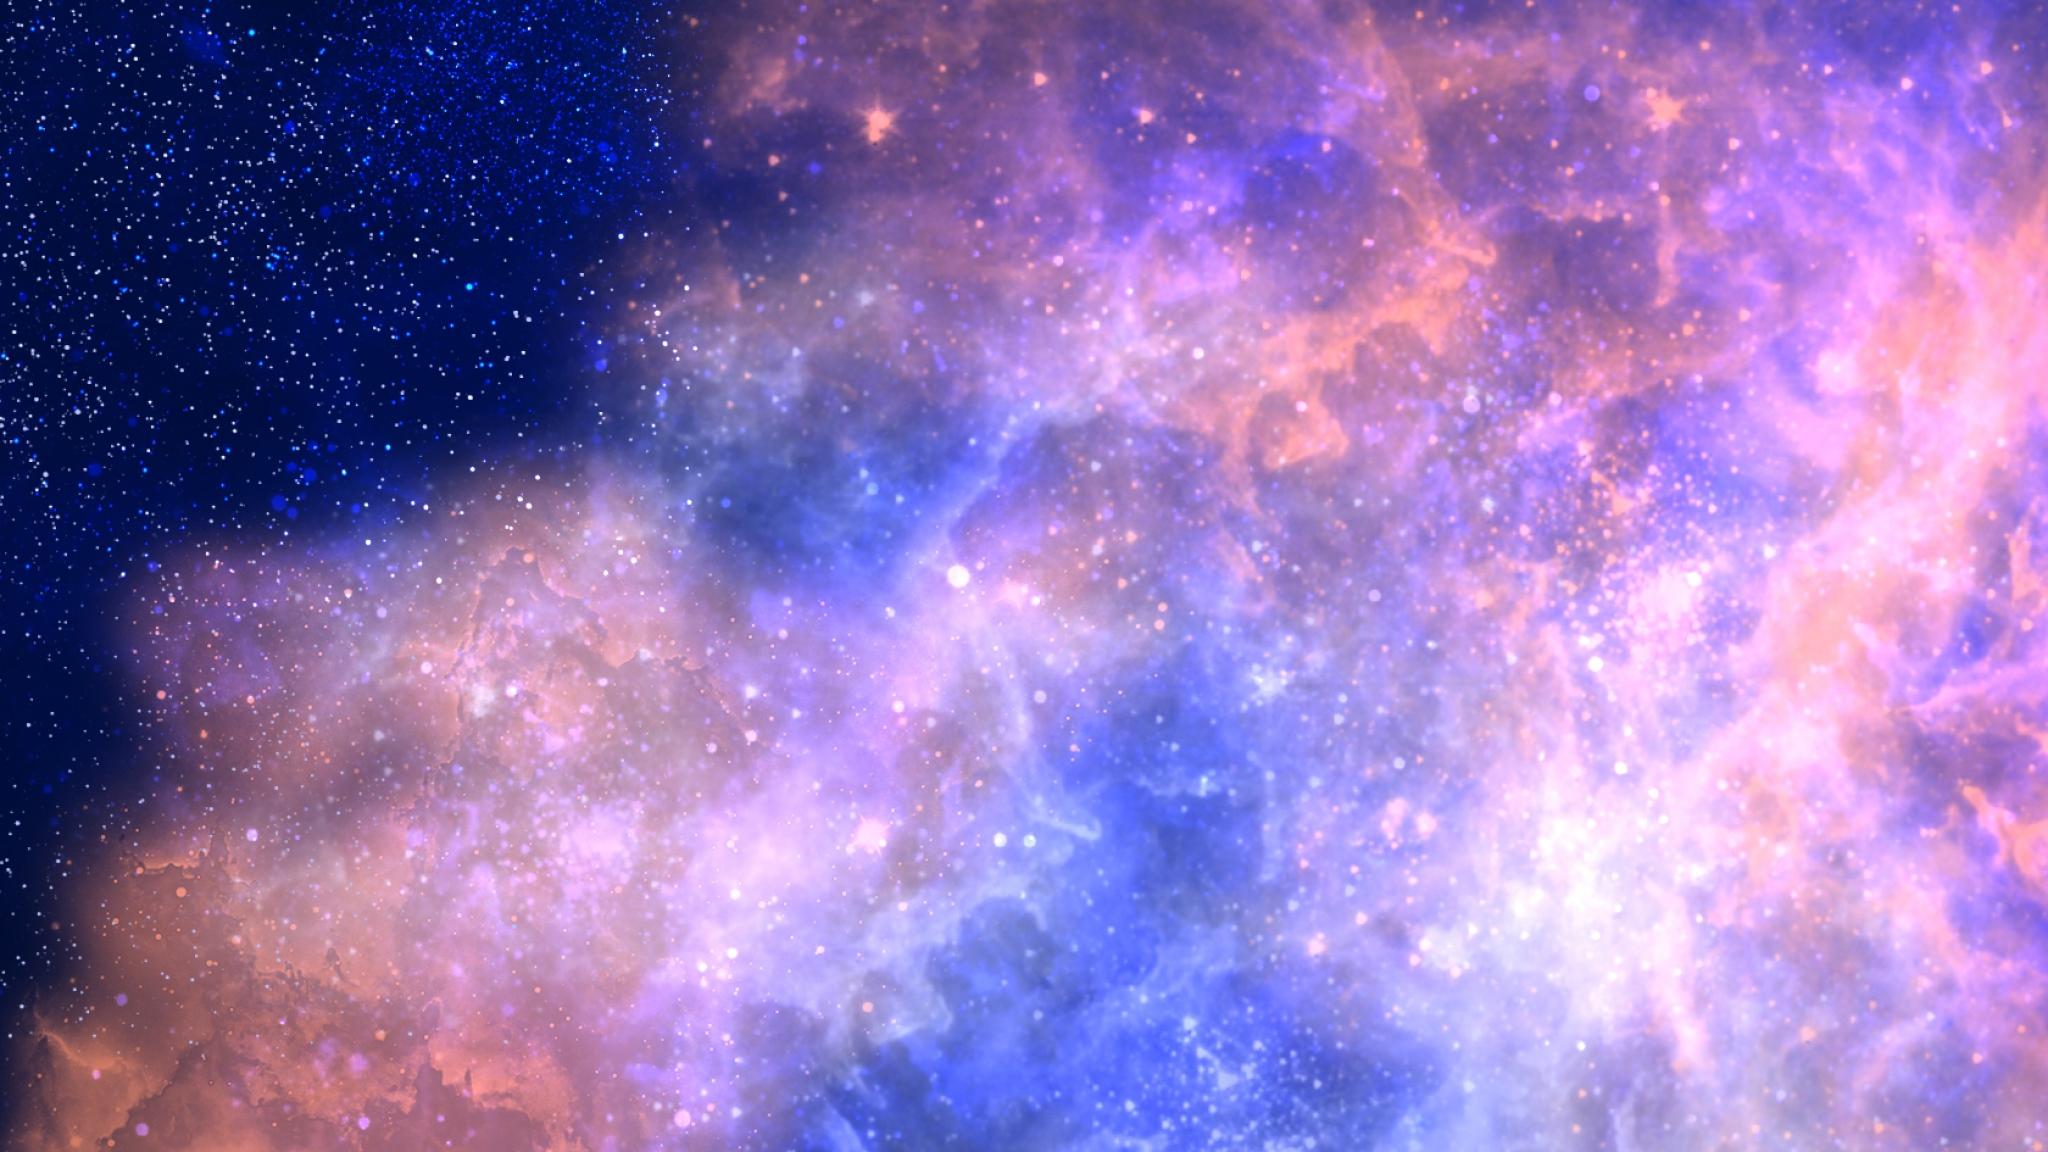 Download Wallpaper 2048x1152 Space Stars Nebulae Aurora HD HD 2048x1152